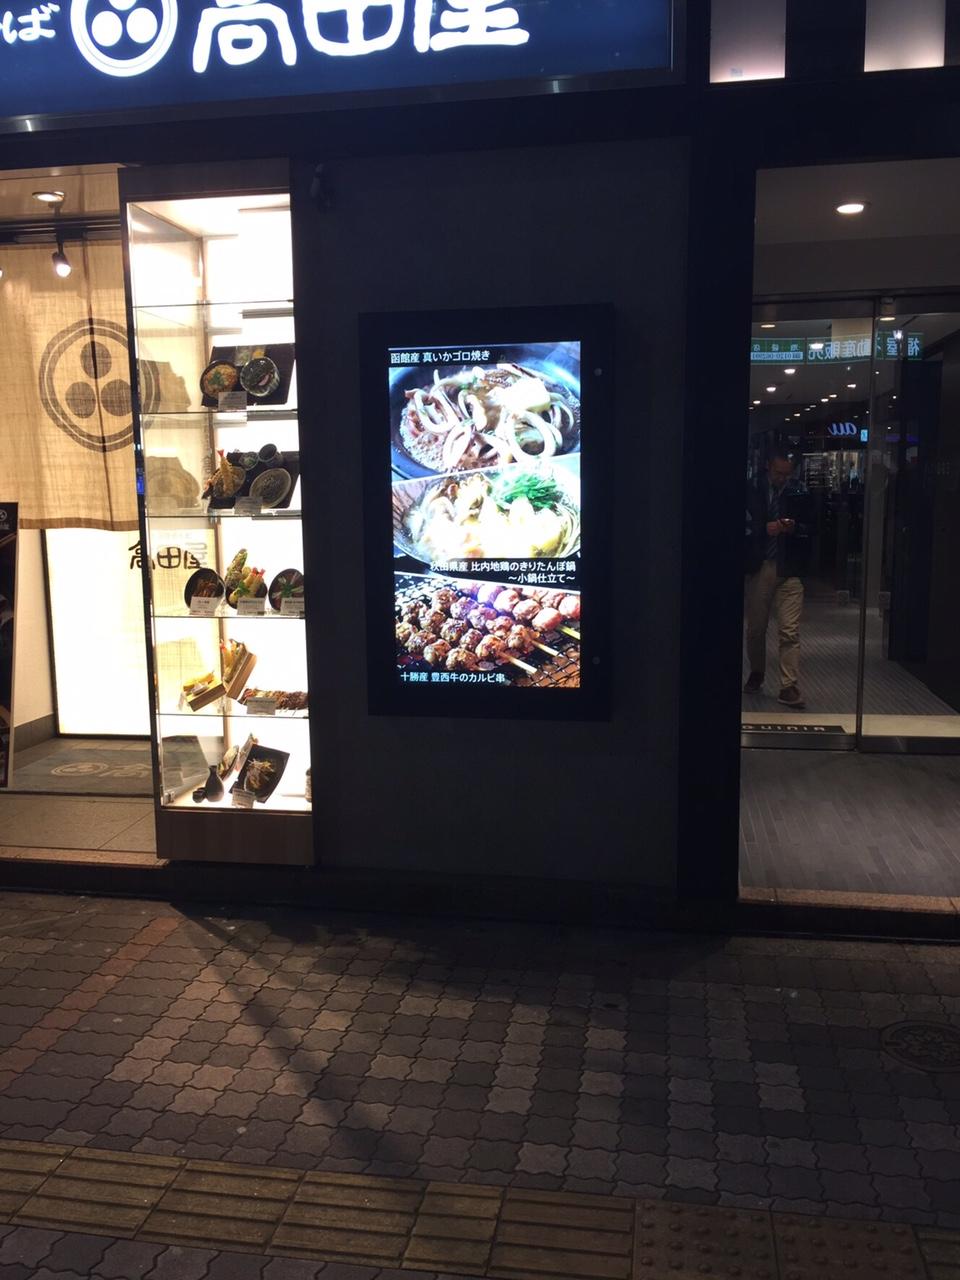 屋外用デジタルサイネージ 55インチ壁掛け 高輝度 飲食店設置 事例